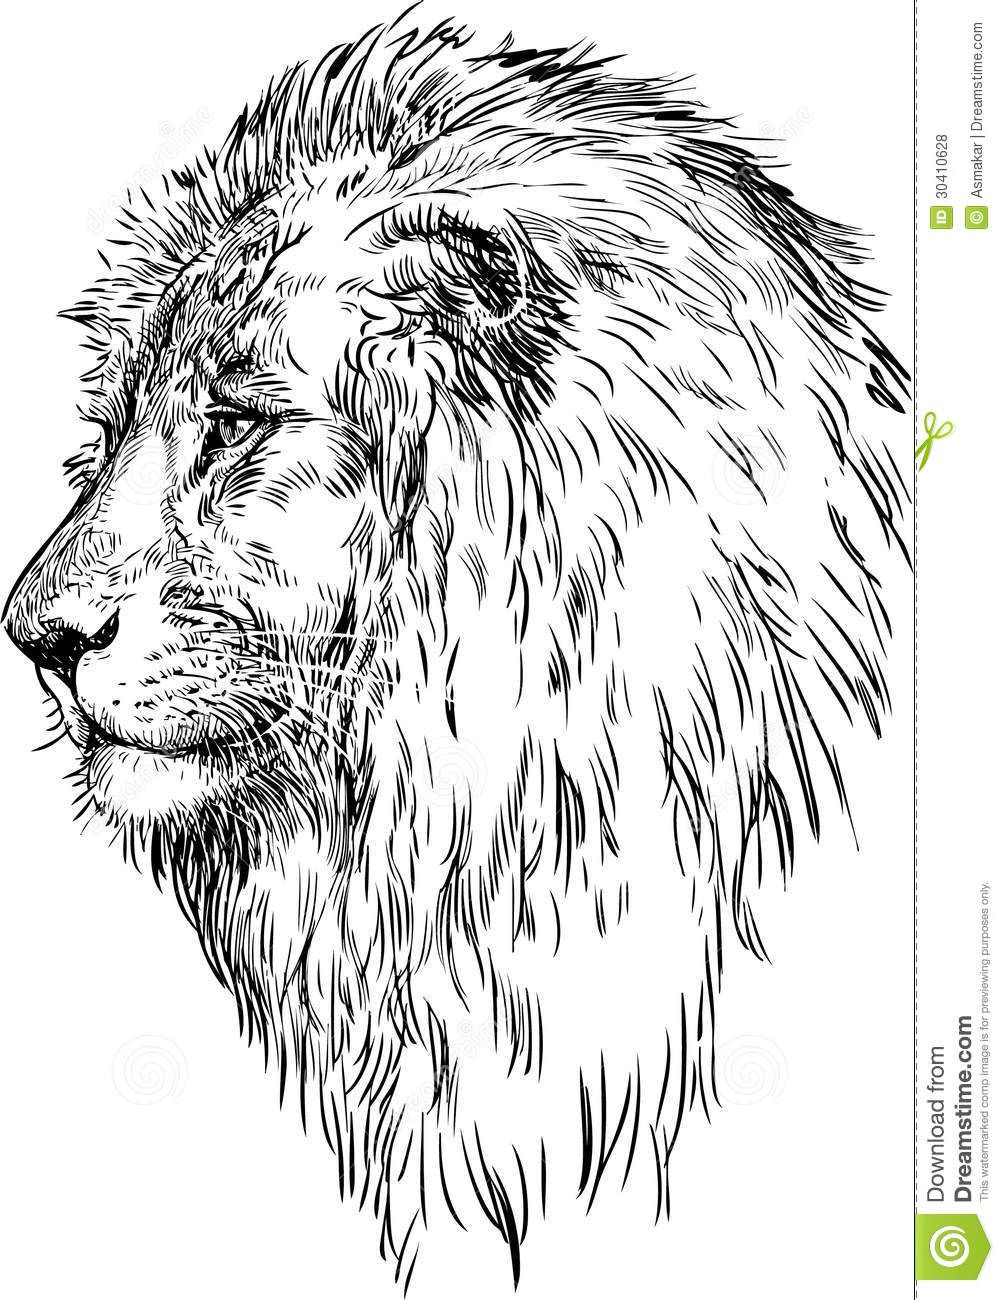 Résultat De Recherche D Images Pour Dessiner Lionne De